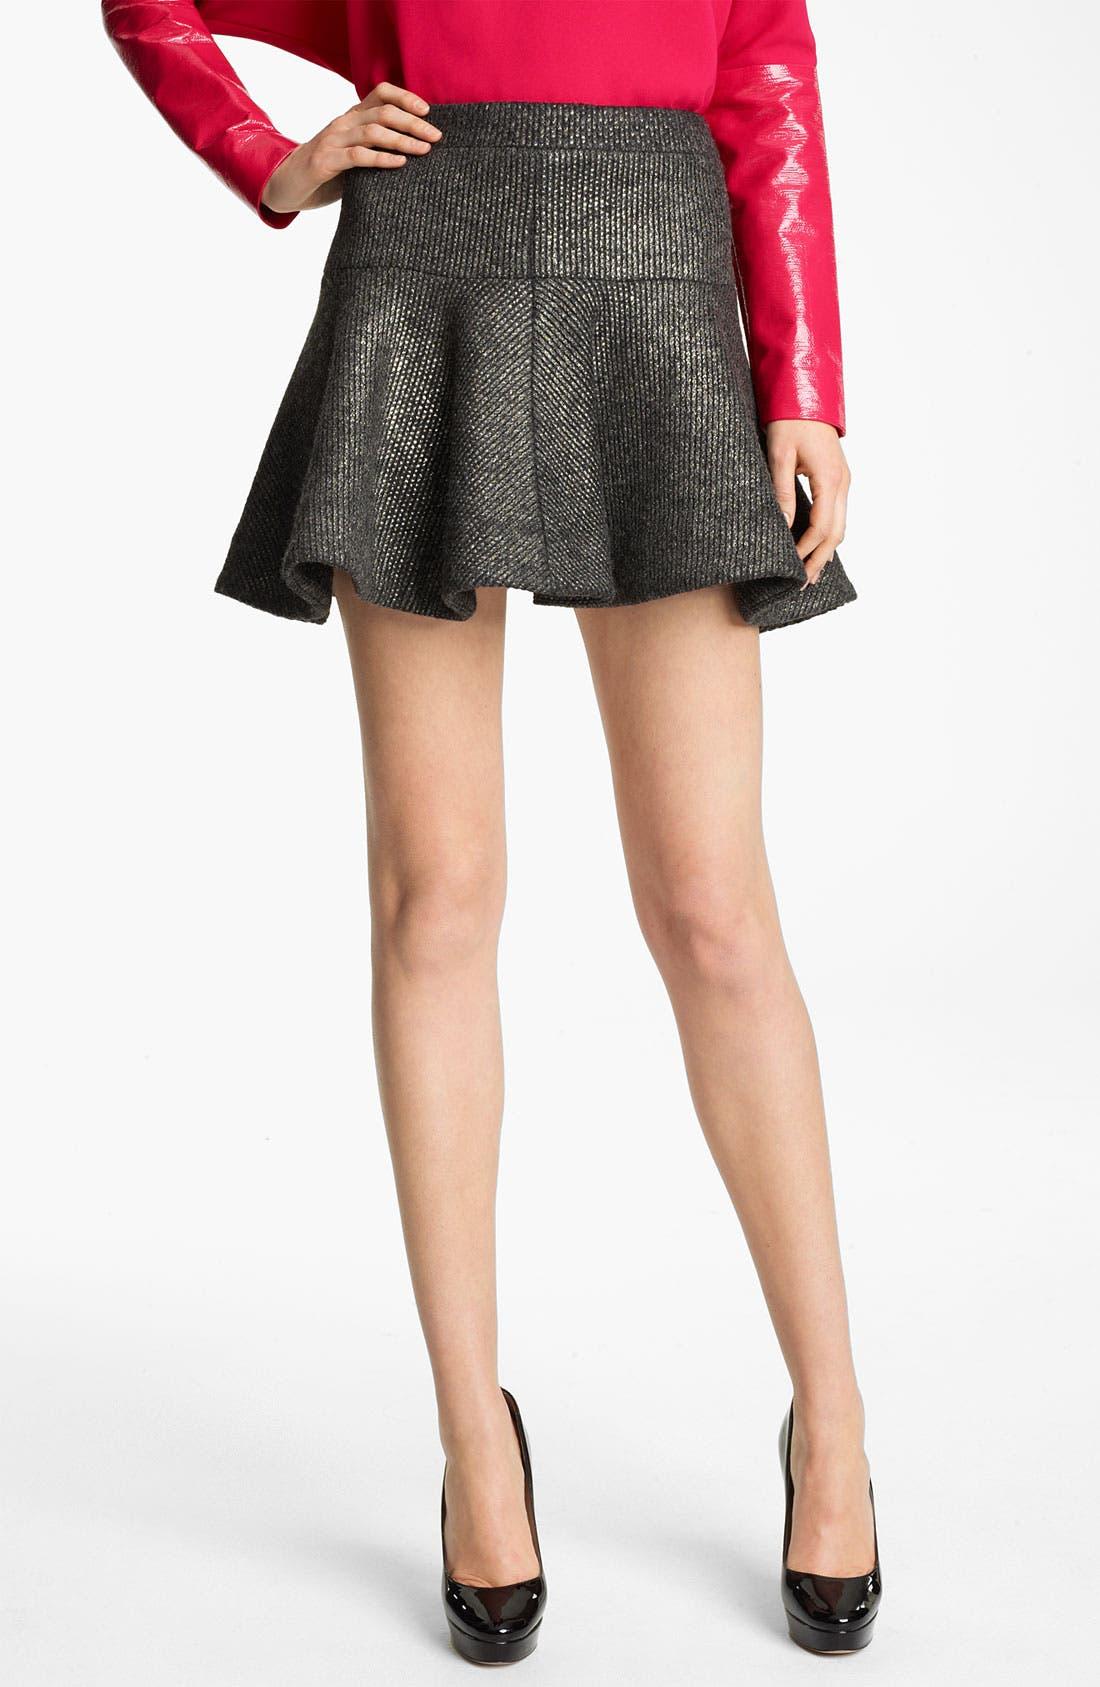 Alternate Image 1 Selected - Thakoon Foiled Knit Skirt